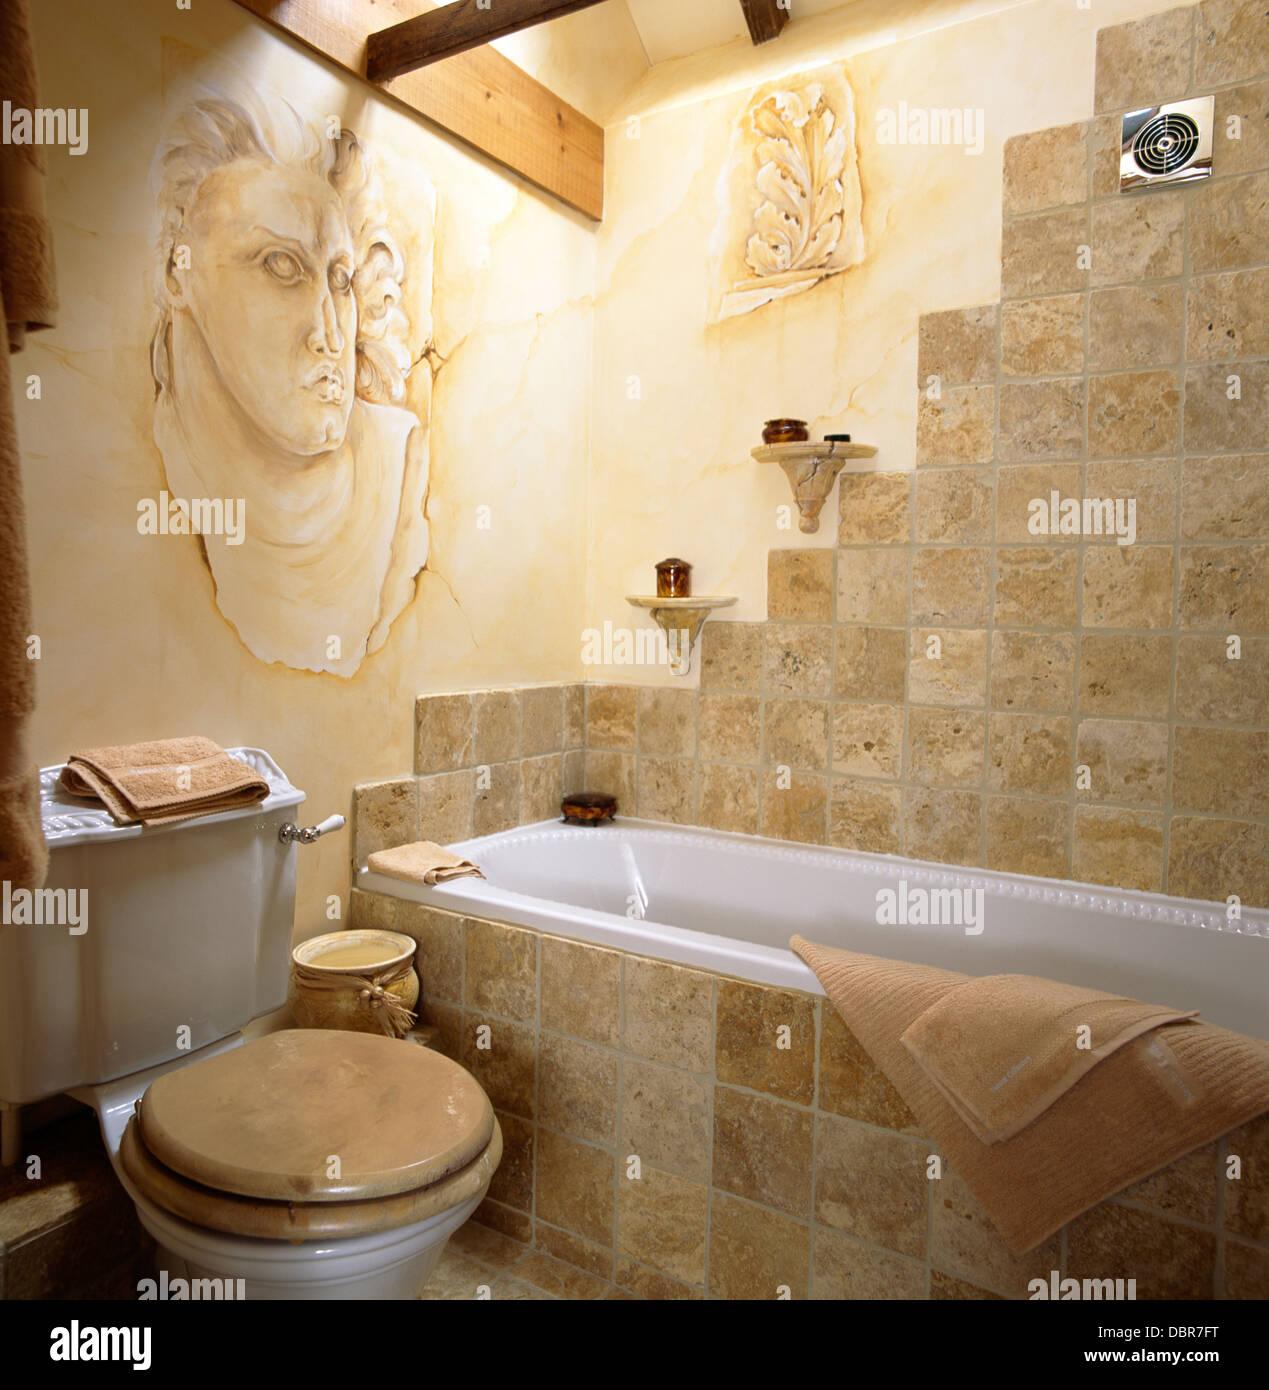 Stein Fliesen Wand Und Bad Surround Im Land Badezimmer Mit Trompe L U0027  Römische Kopf An Die Wand Gemalt